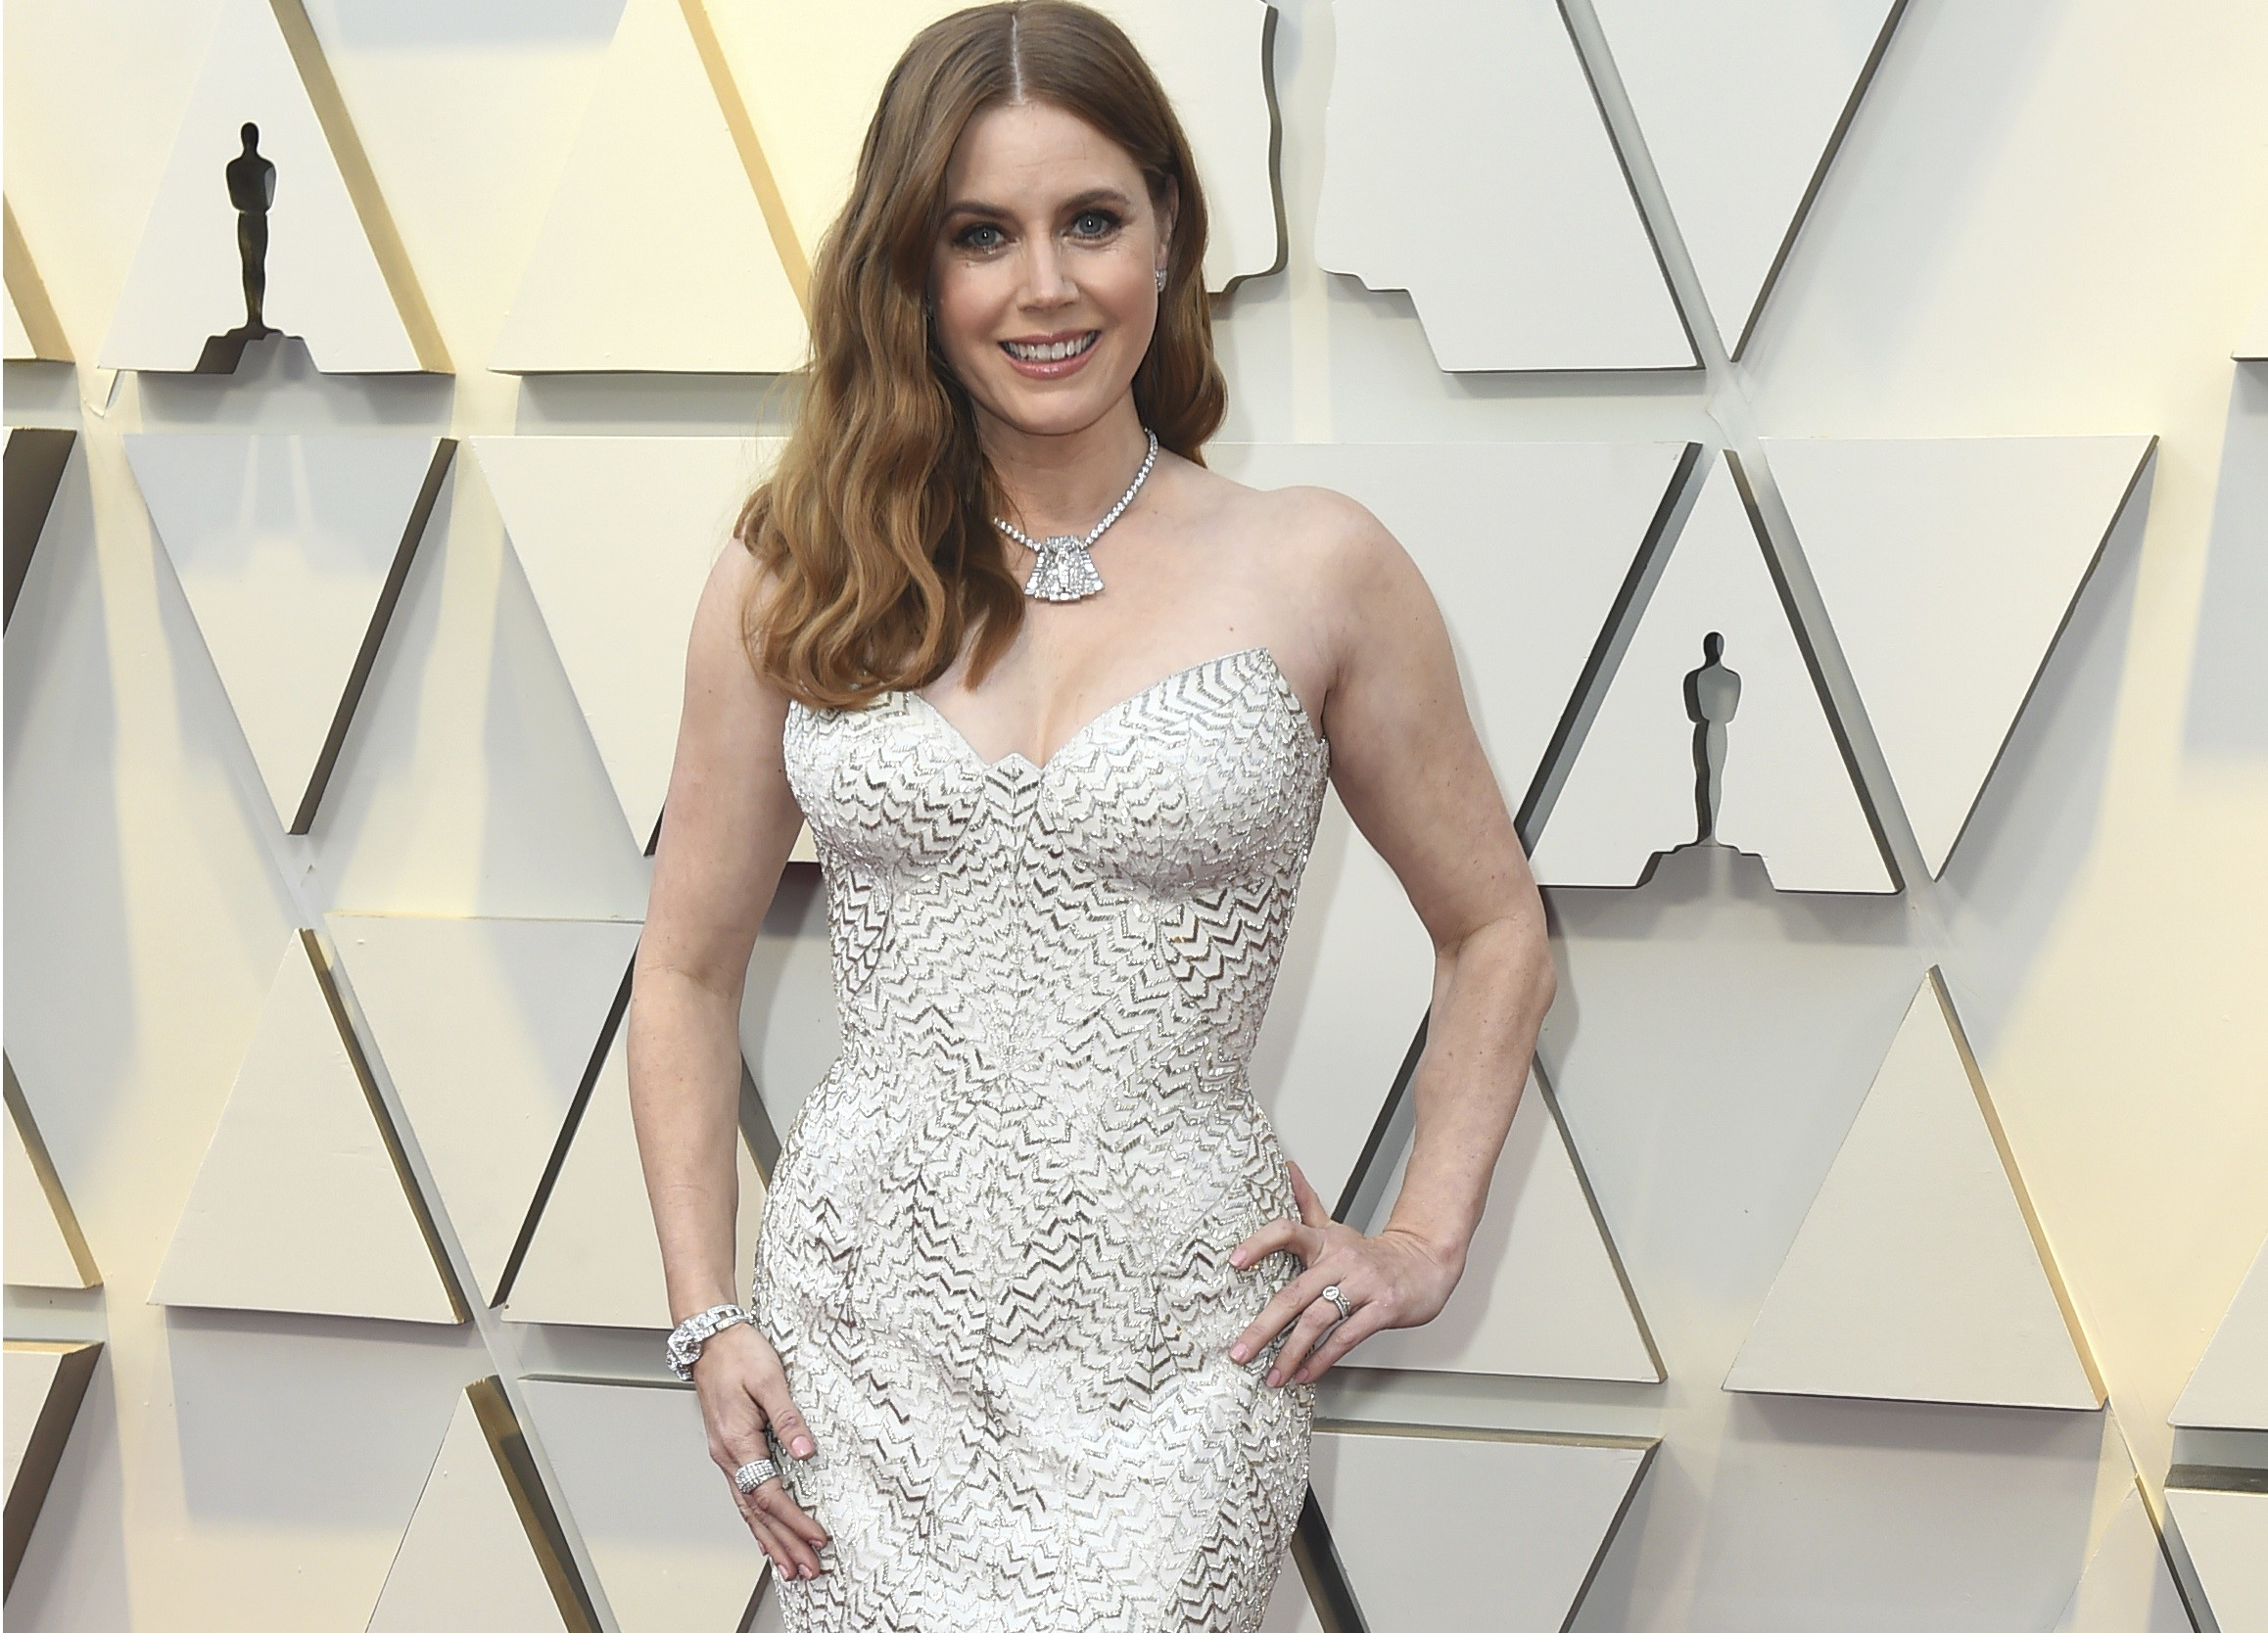 Premios Oscar 2019  Amy Adams pasa desapercibida como un fantasma en la  alfombra roja 76461f17142